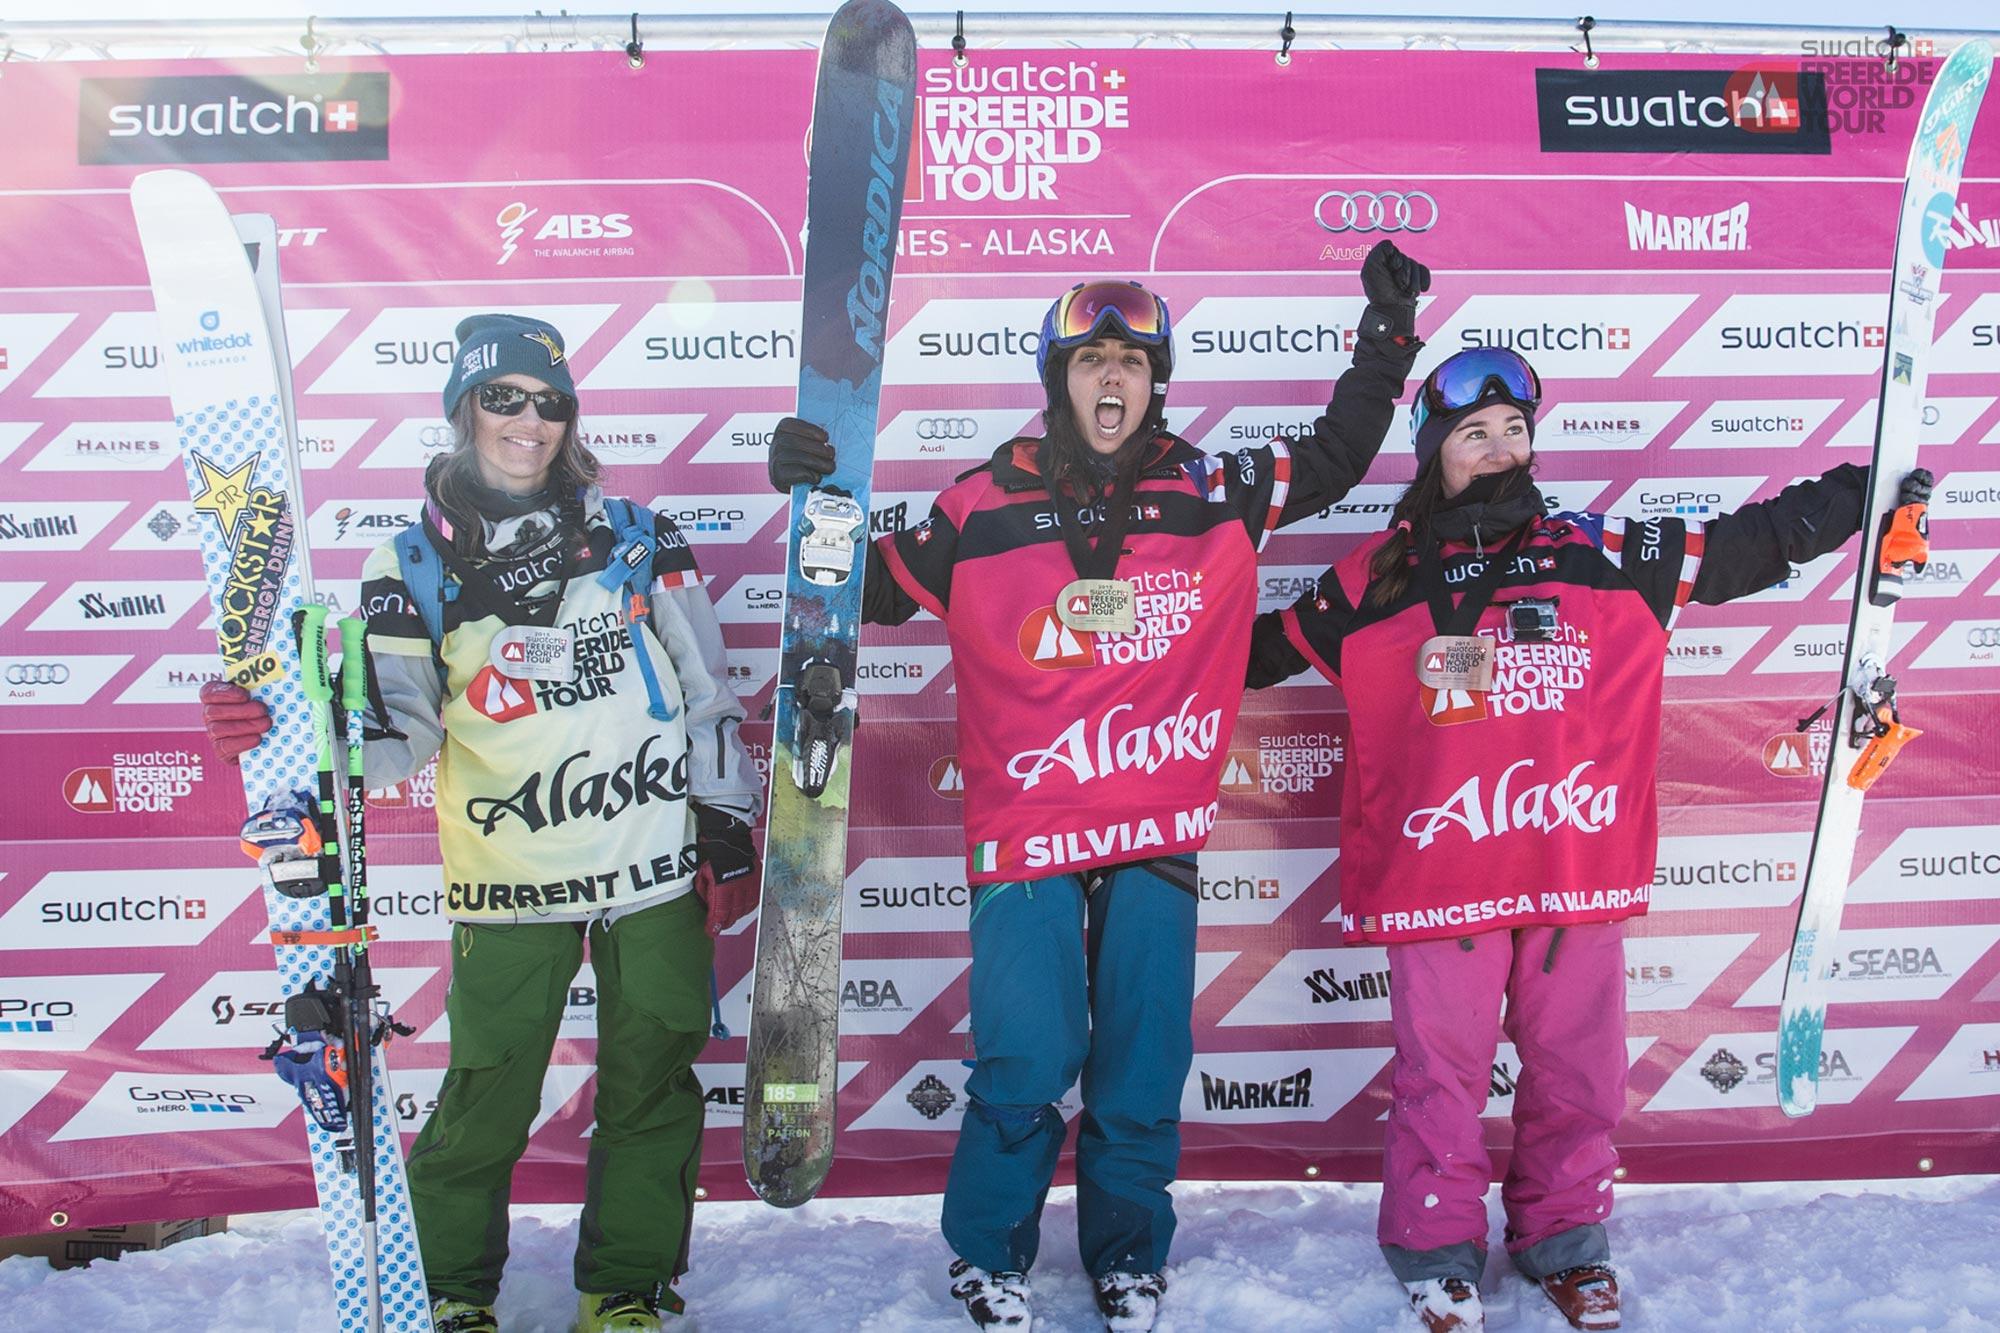 Silvia winning the Freeride World Tour in Alaska